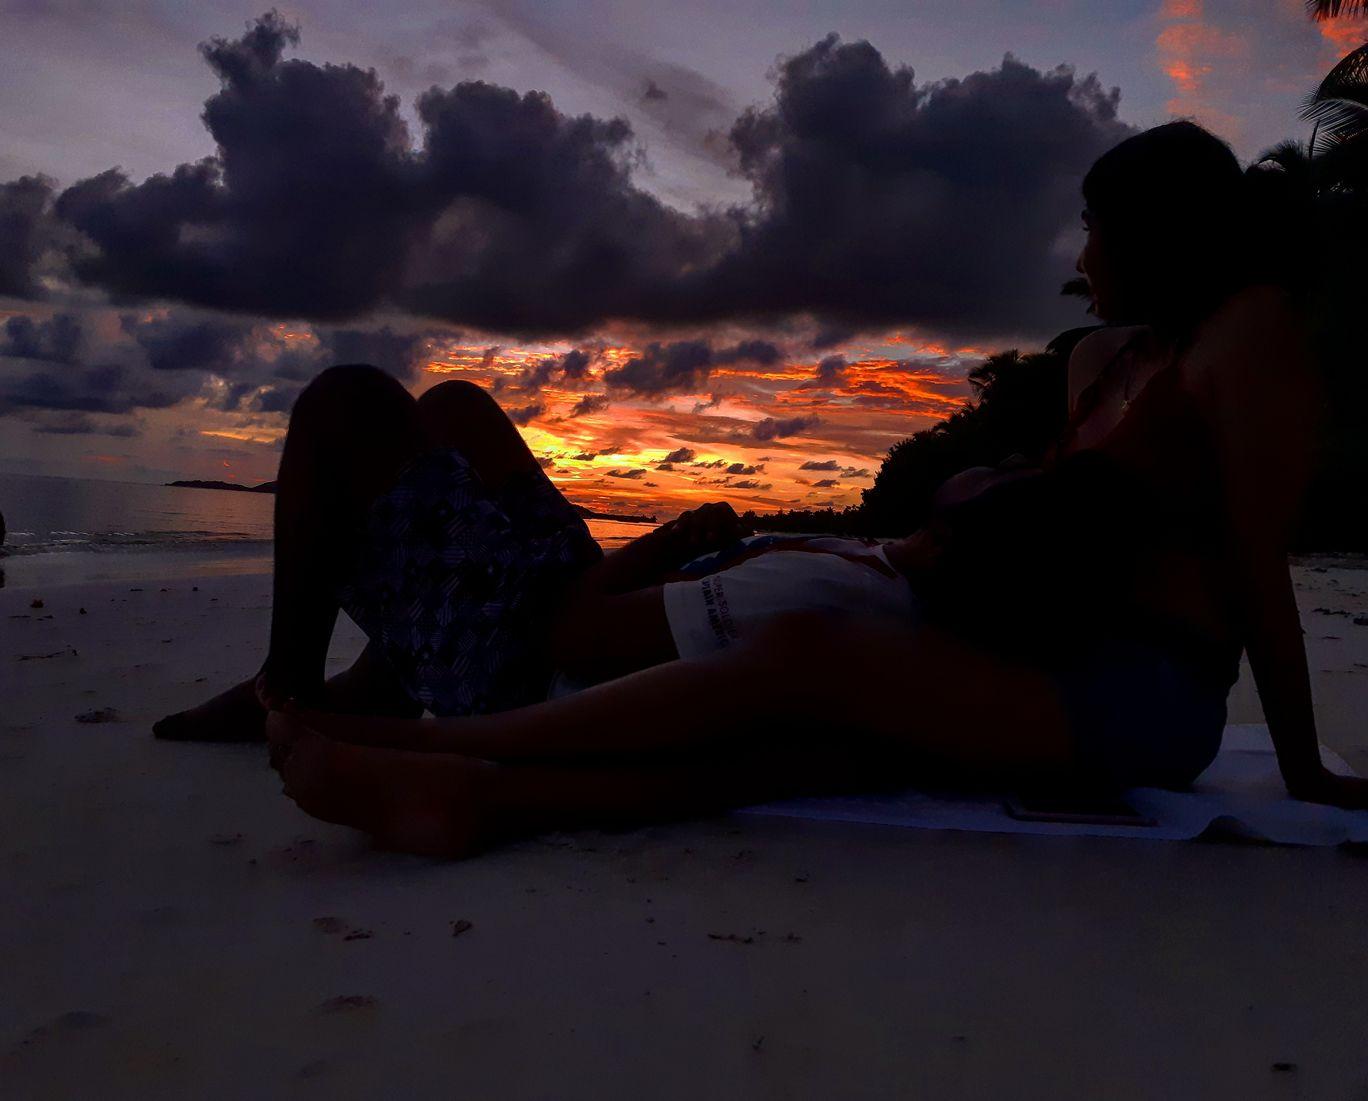 Photo of Seychelles By Shivam Mishra (travellerjunkiee)